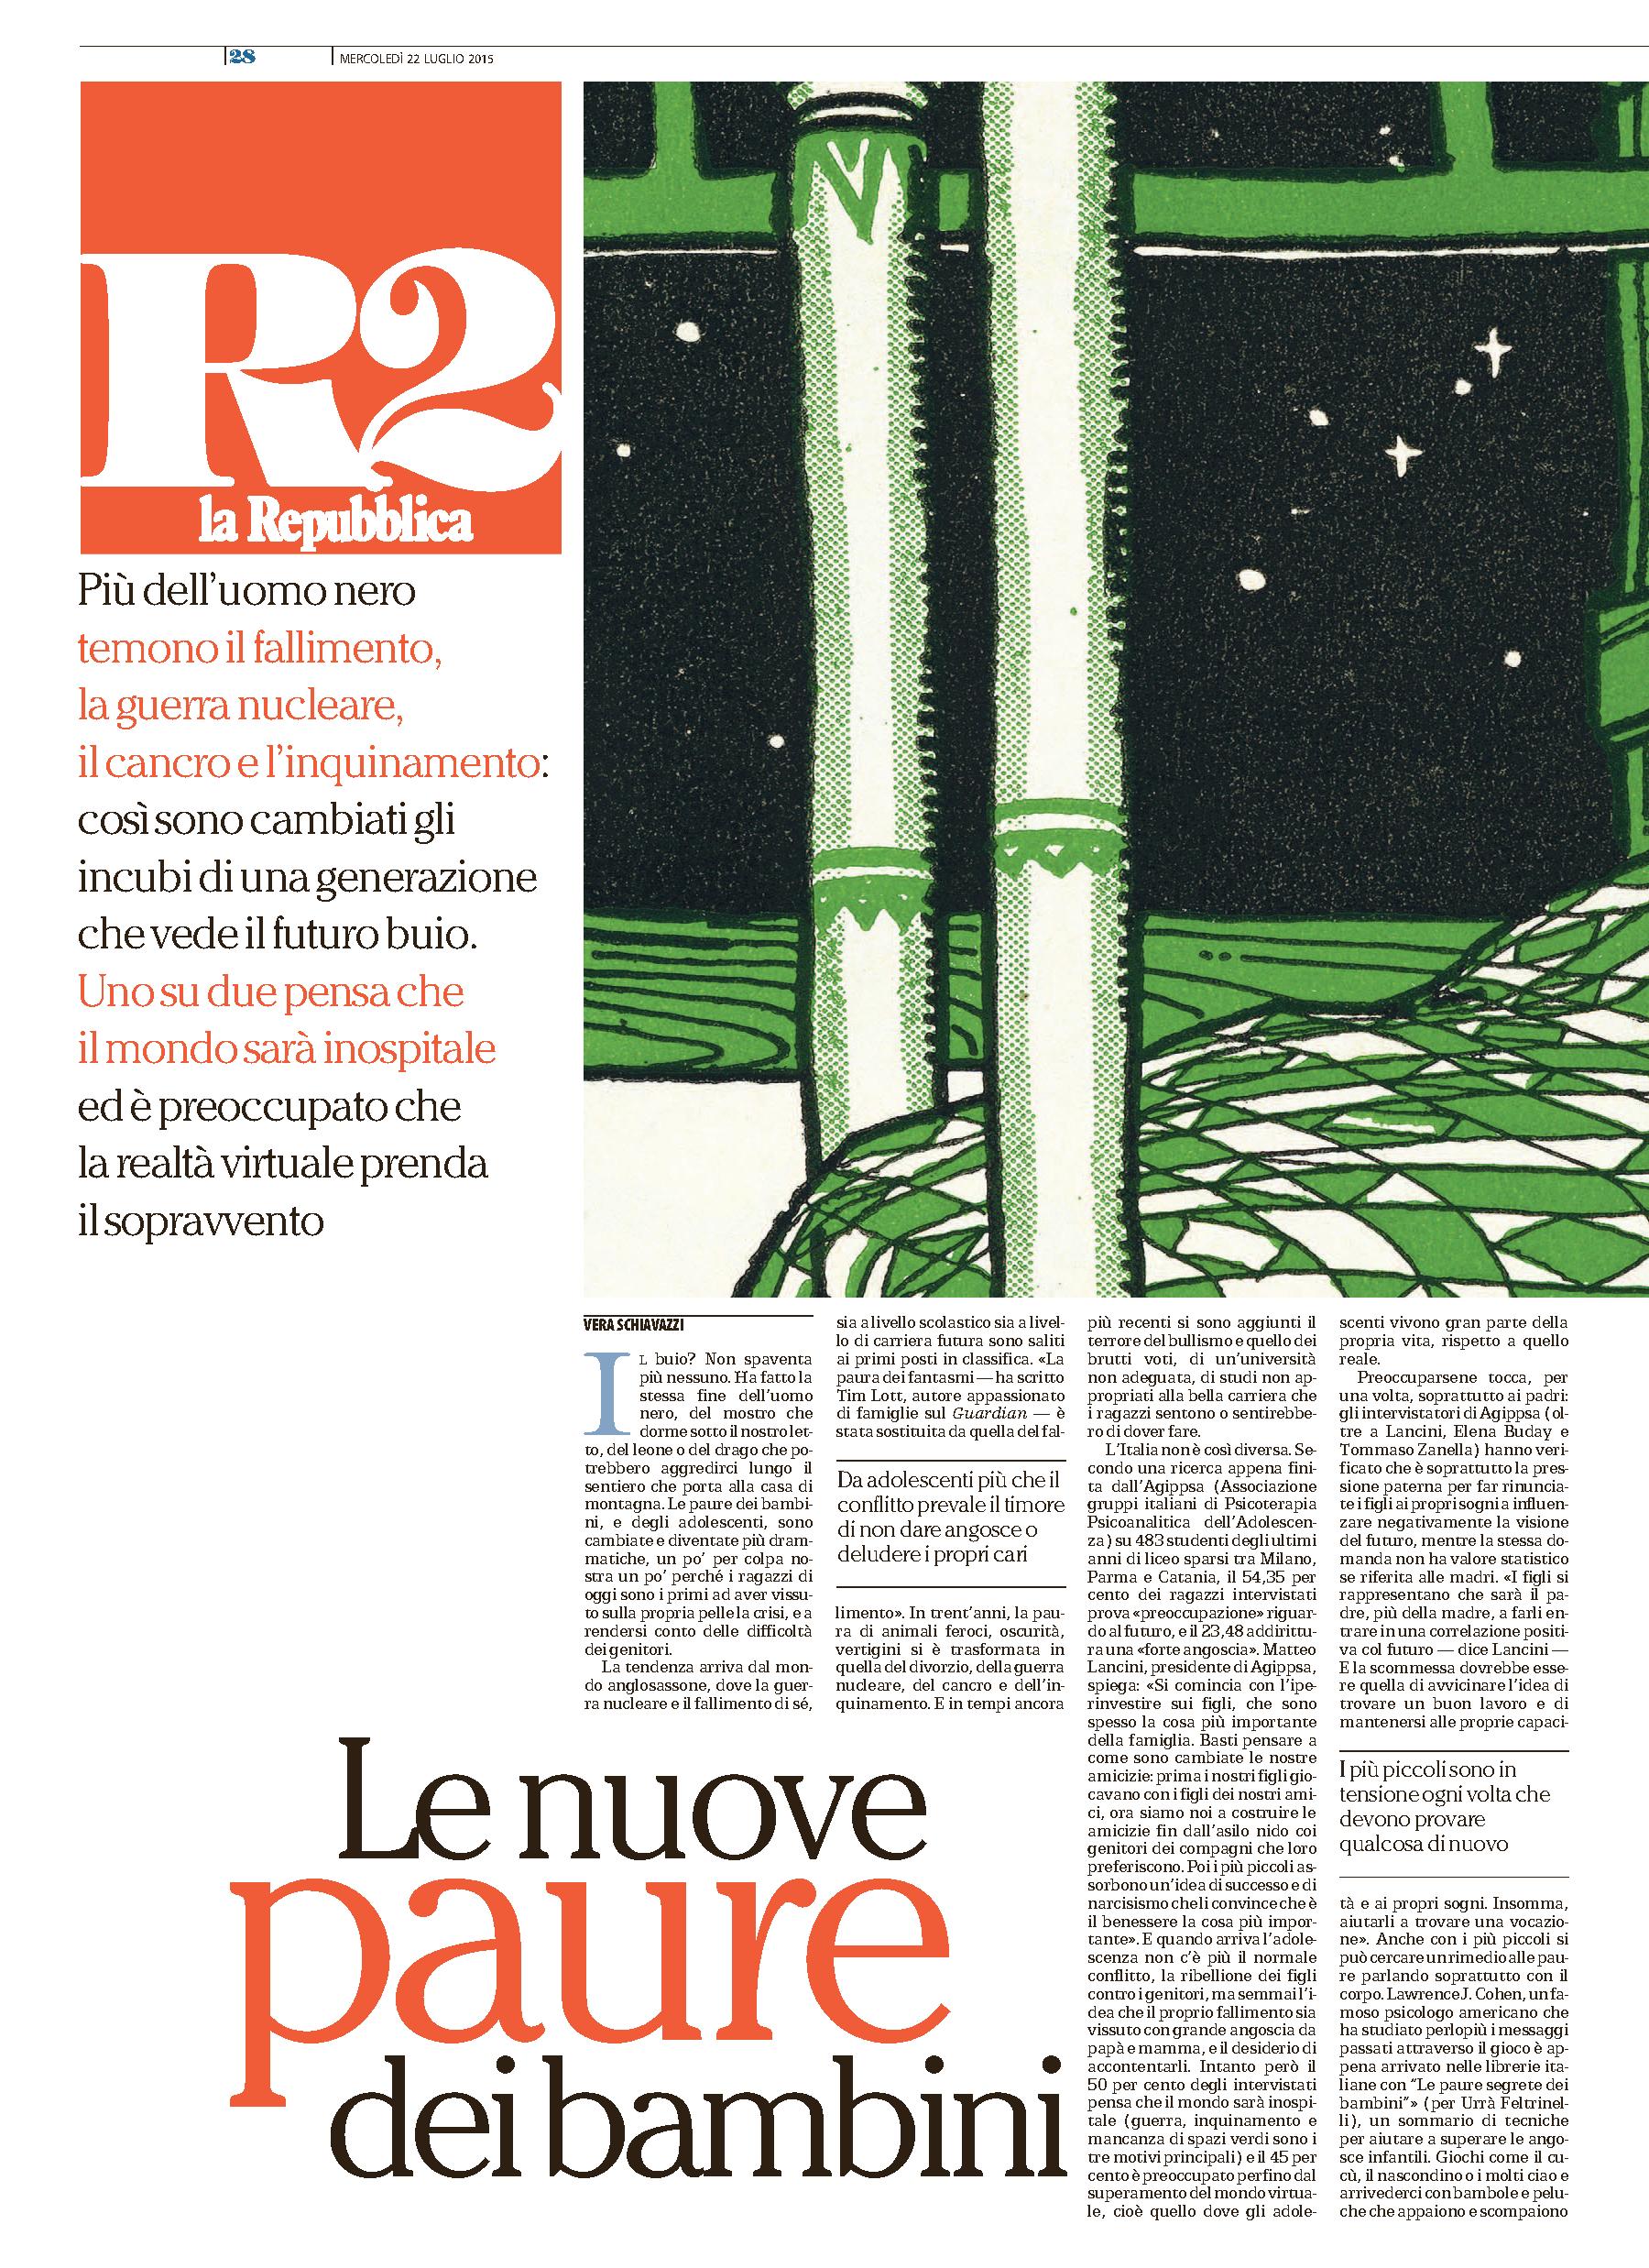 LaRepubblica_22_07_15_Le_nuove_paure_dei_bambini_Pagina_1